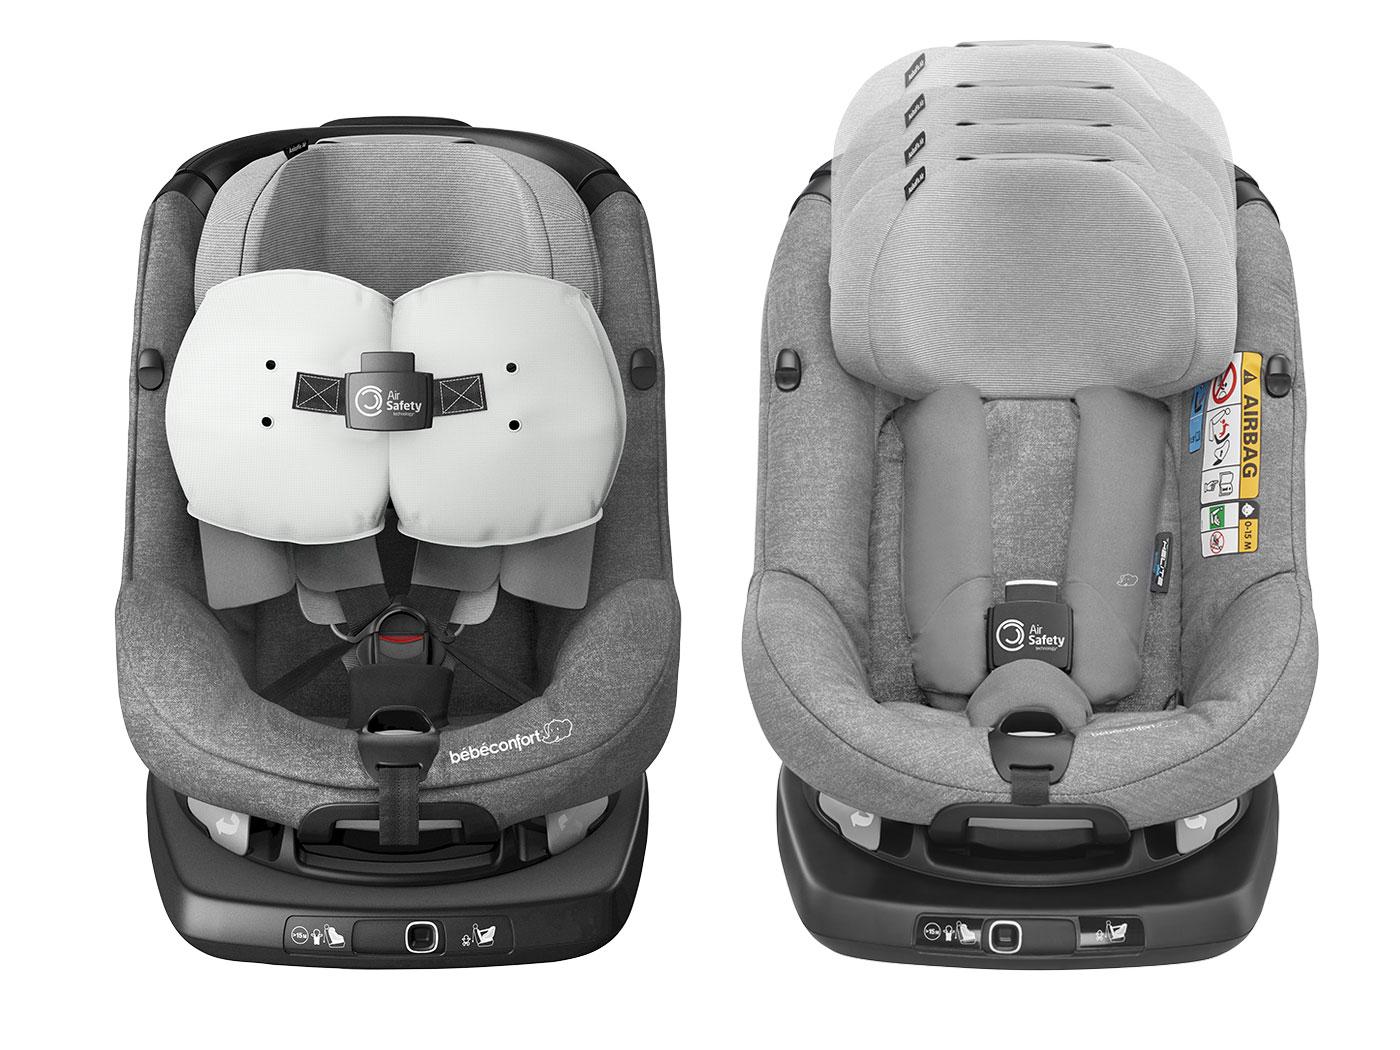 seggiolino bebe confort con airbag • Briciole e Puntini